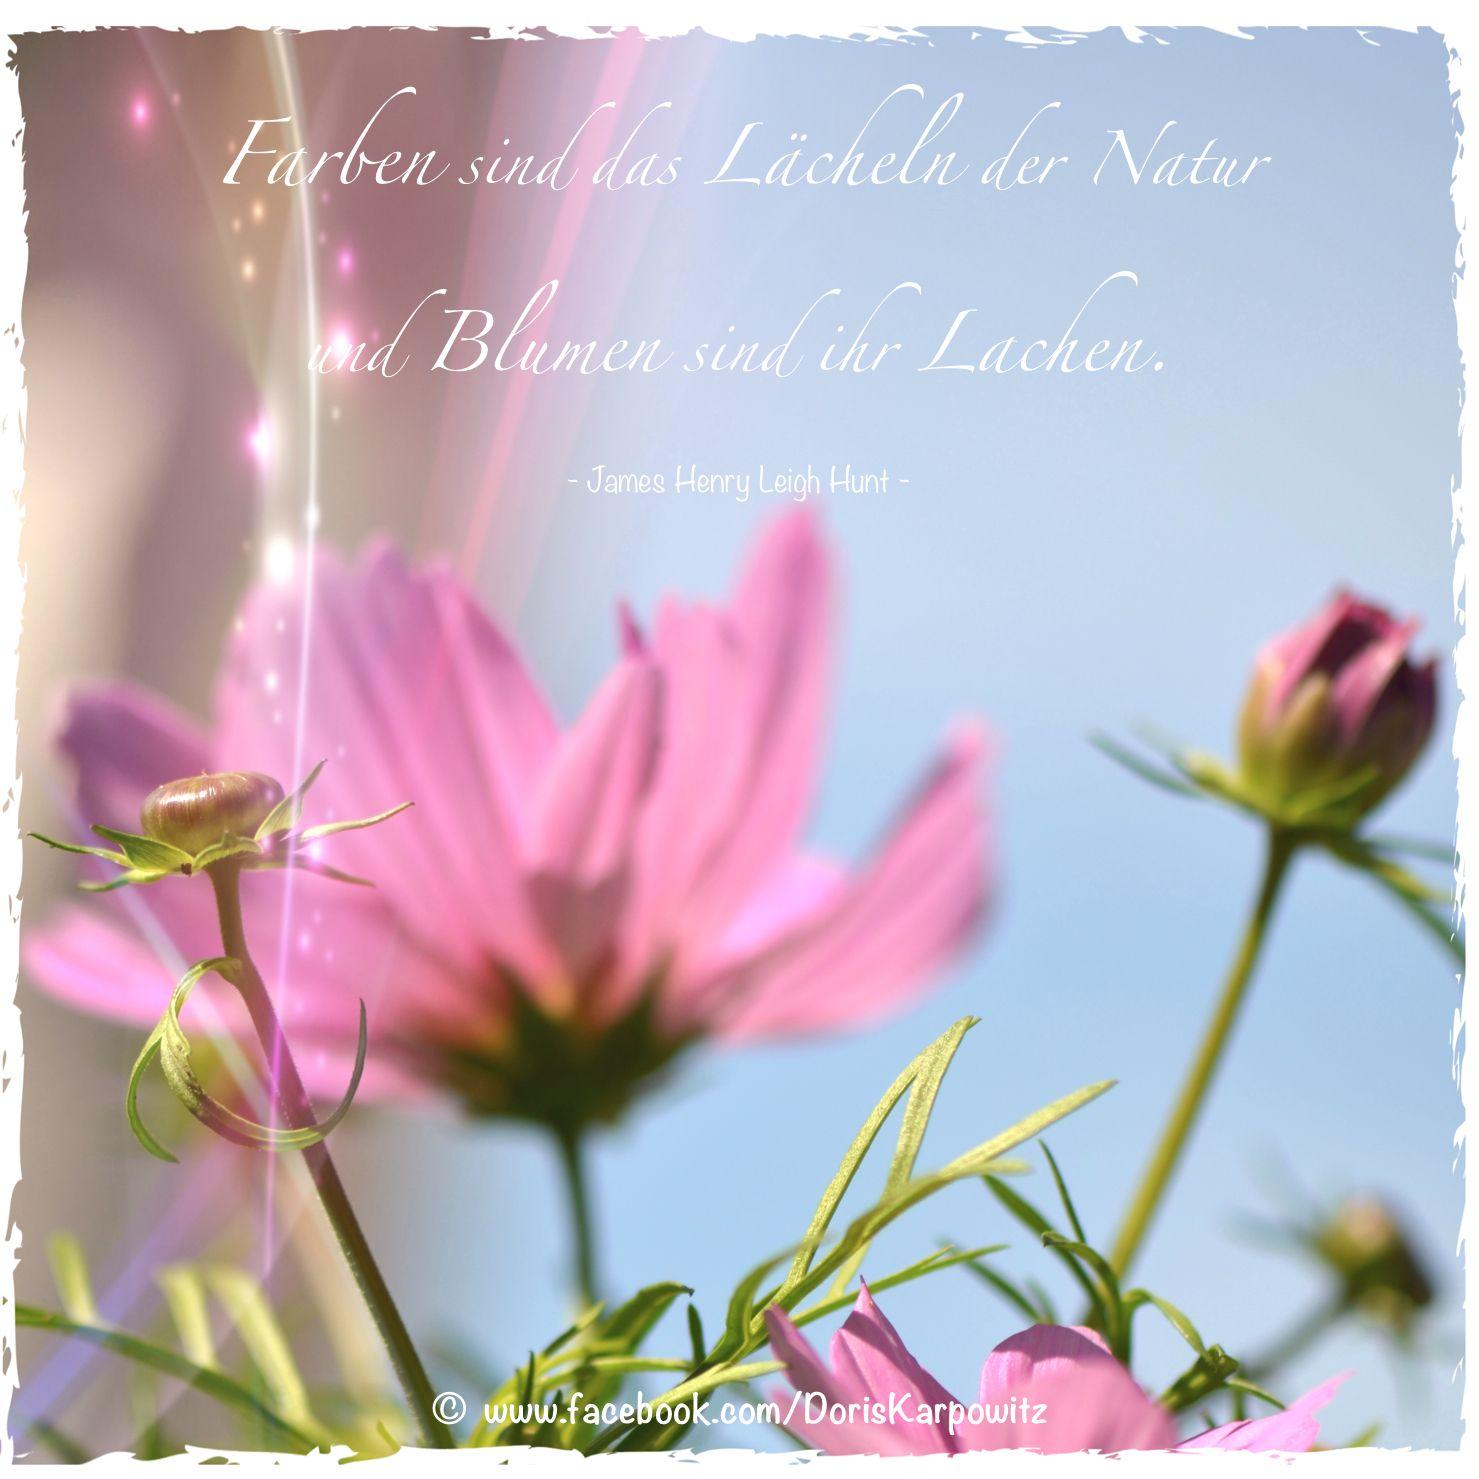 Farben Sind Das Lacheln Der Natur Und Blumen Sind Ihr Lachen